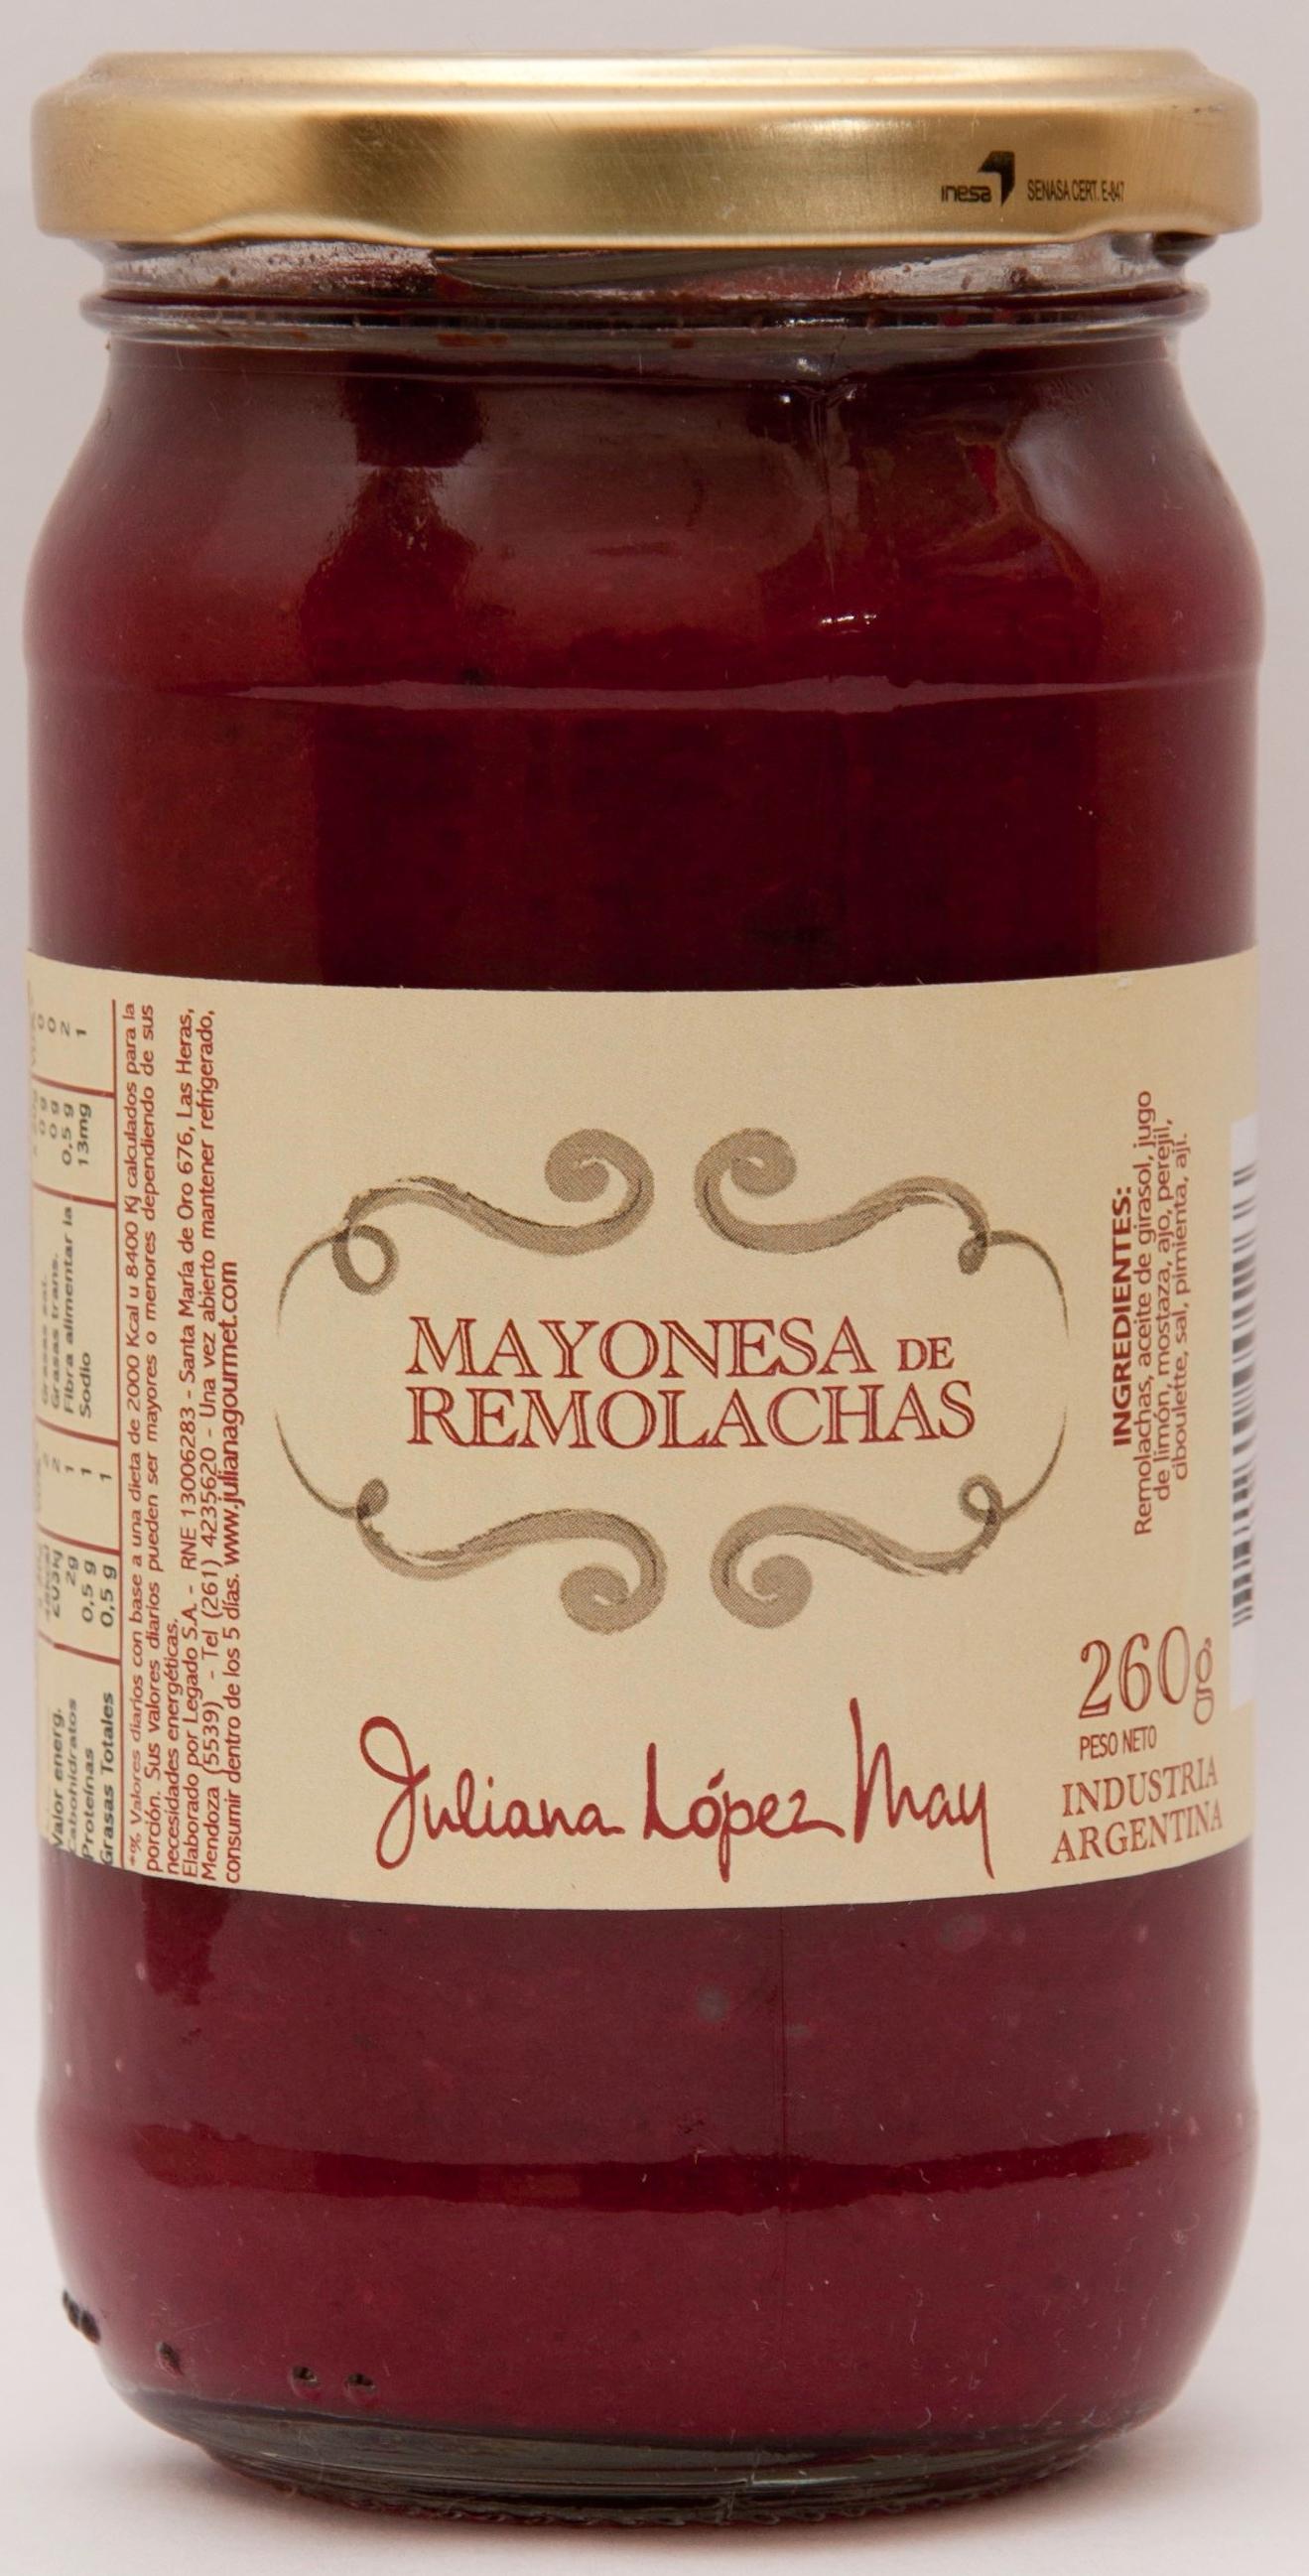 Mayonesa de remolachas